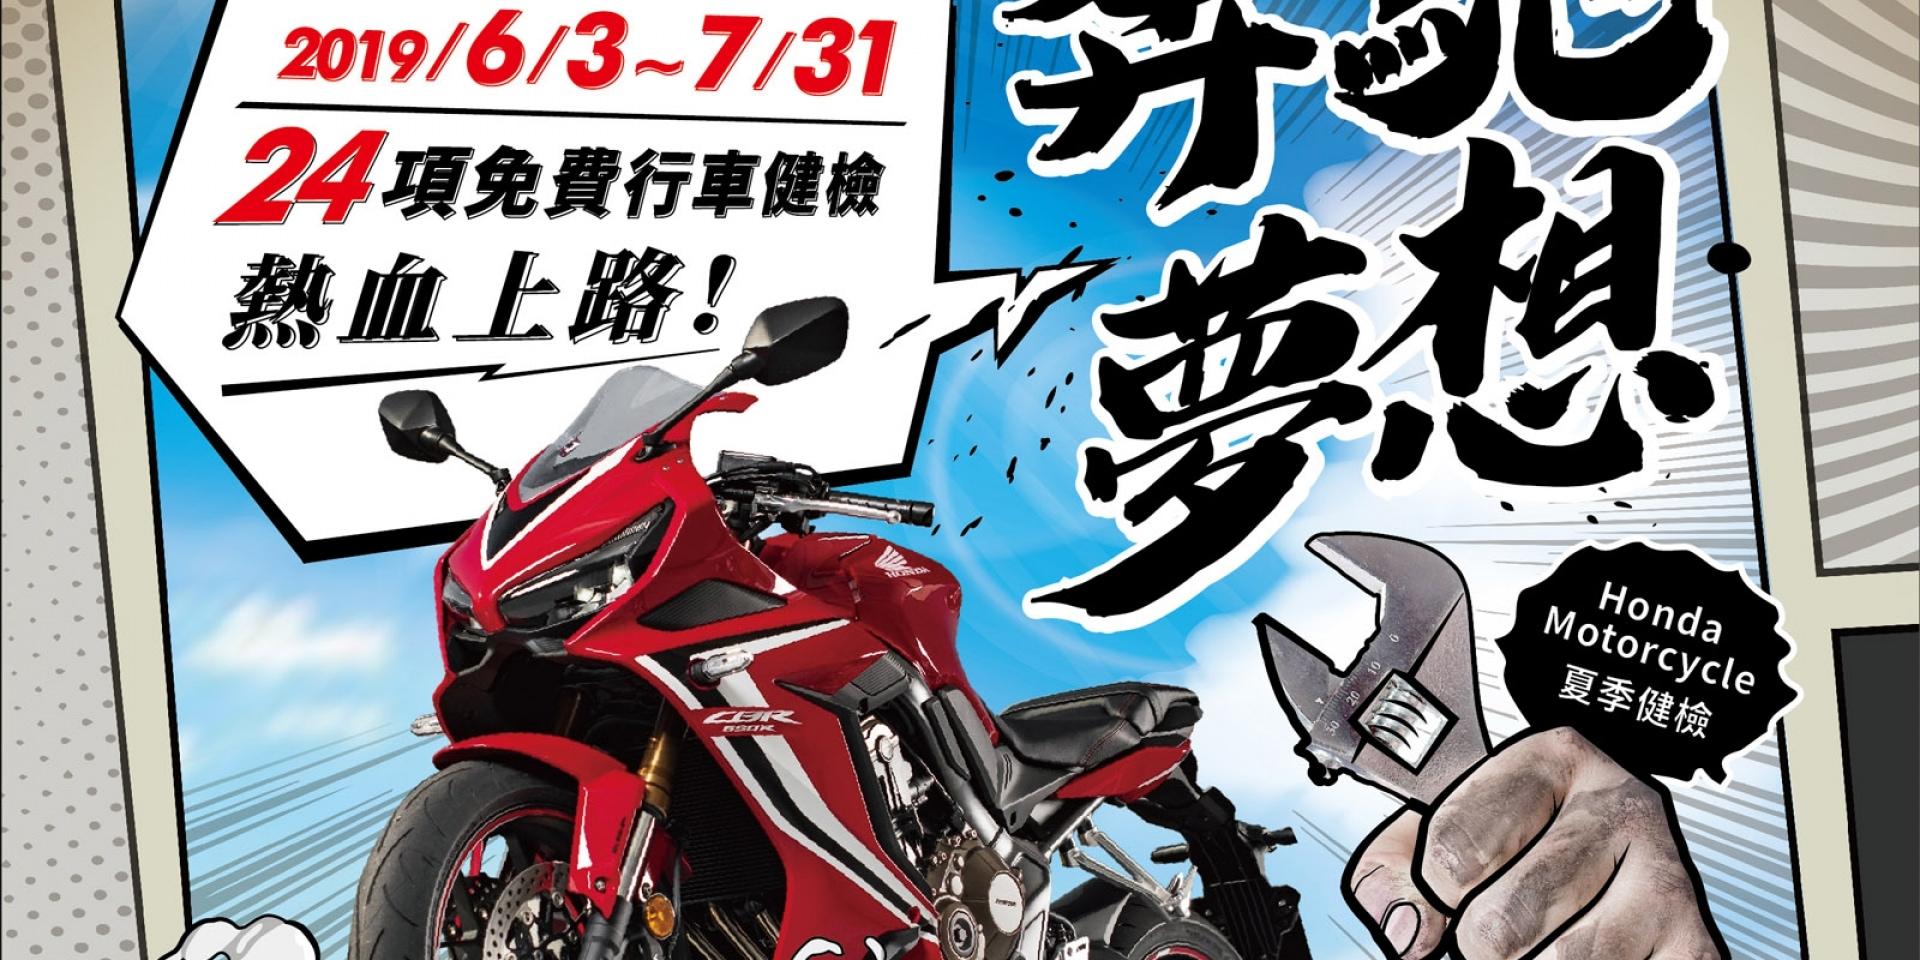 官方新聞稿。Honda Motorcycle 2019 夏季服務活動開跑  守護、奔馳夢想